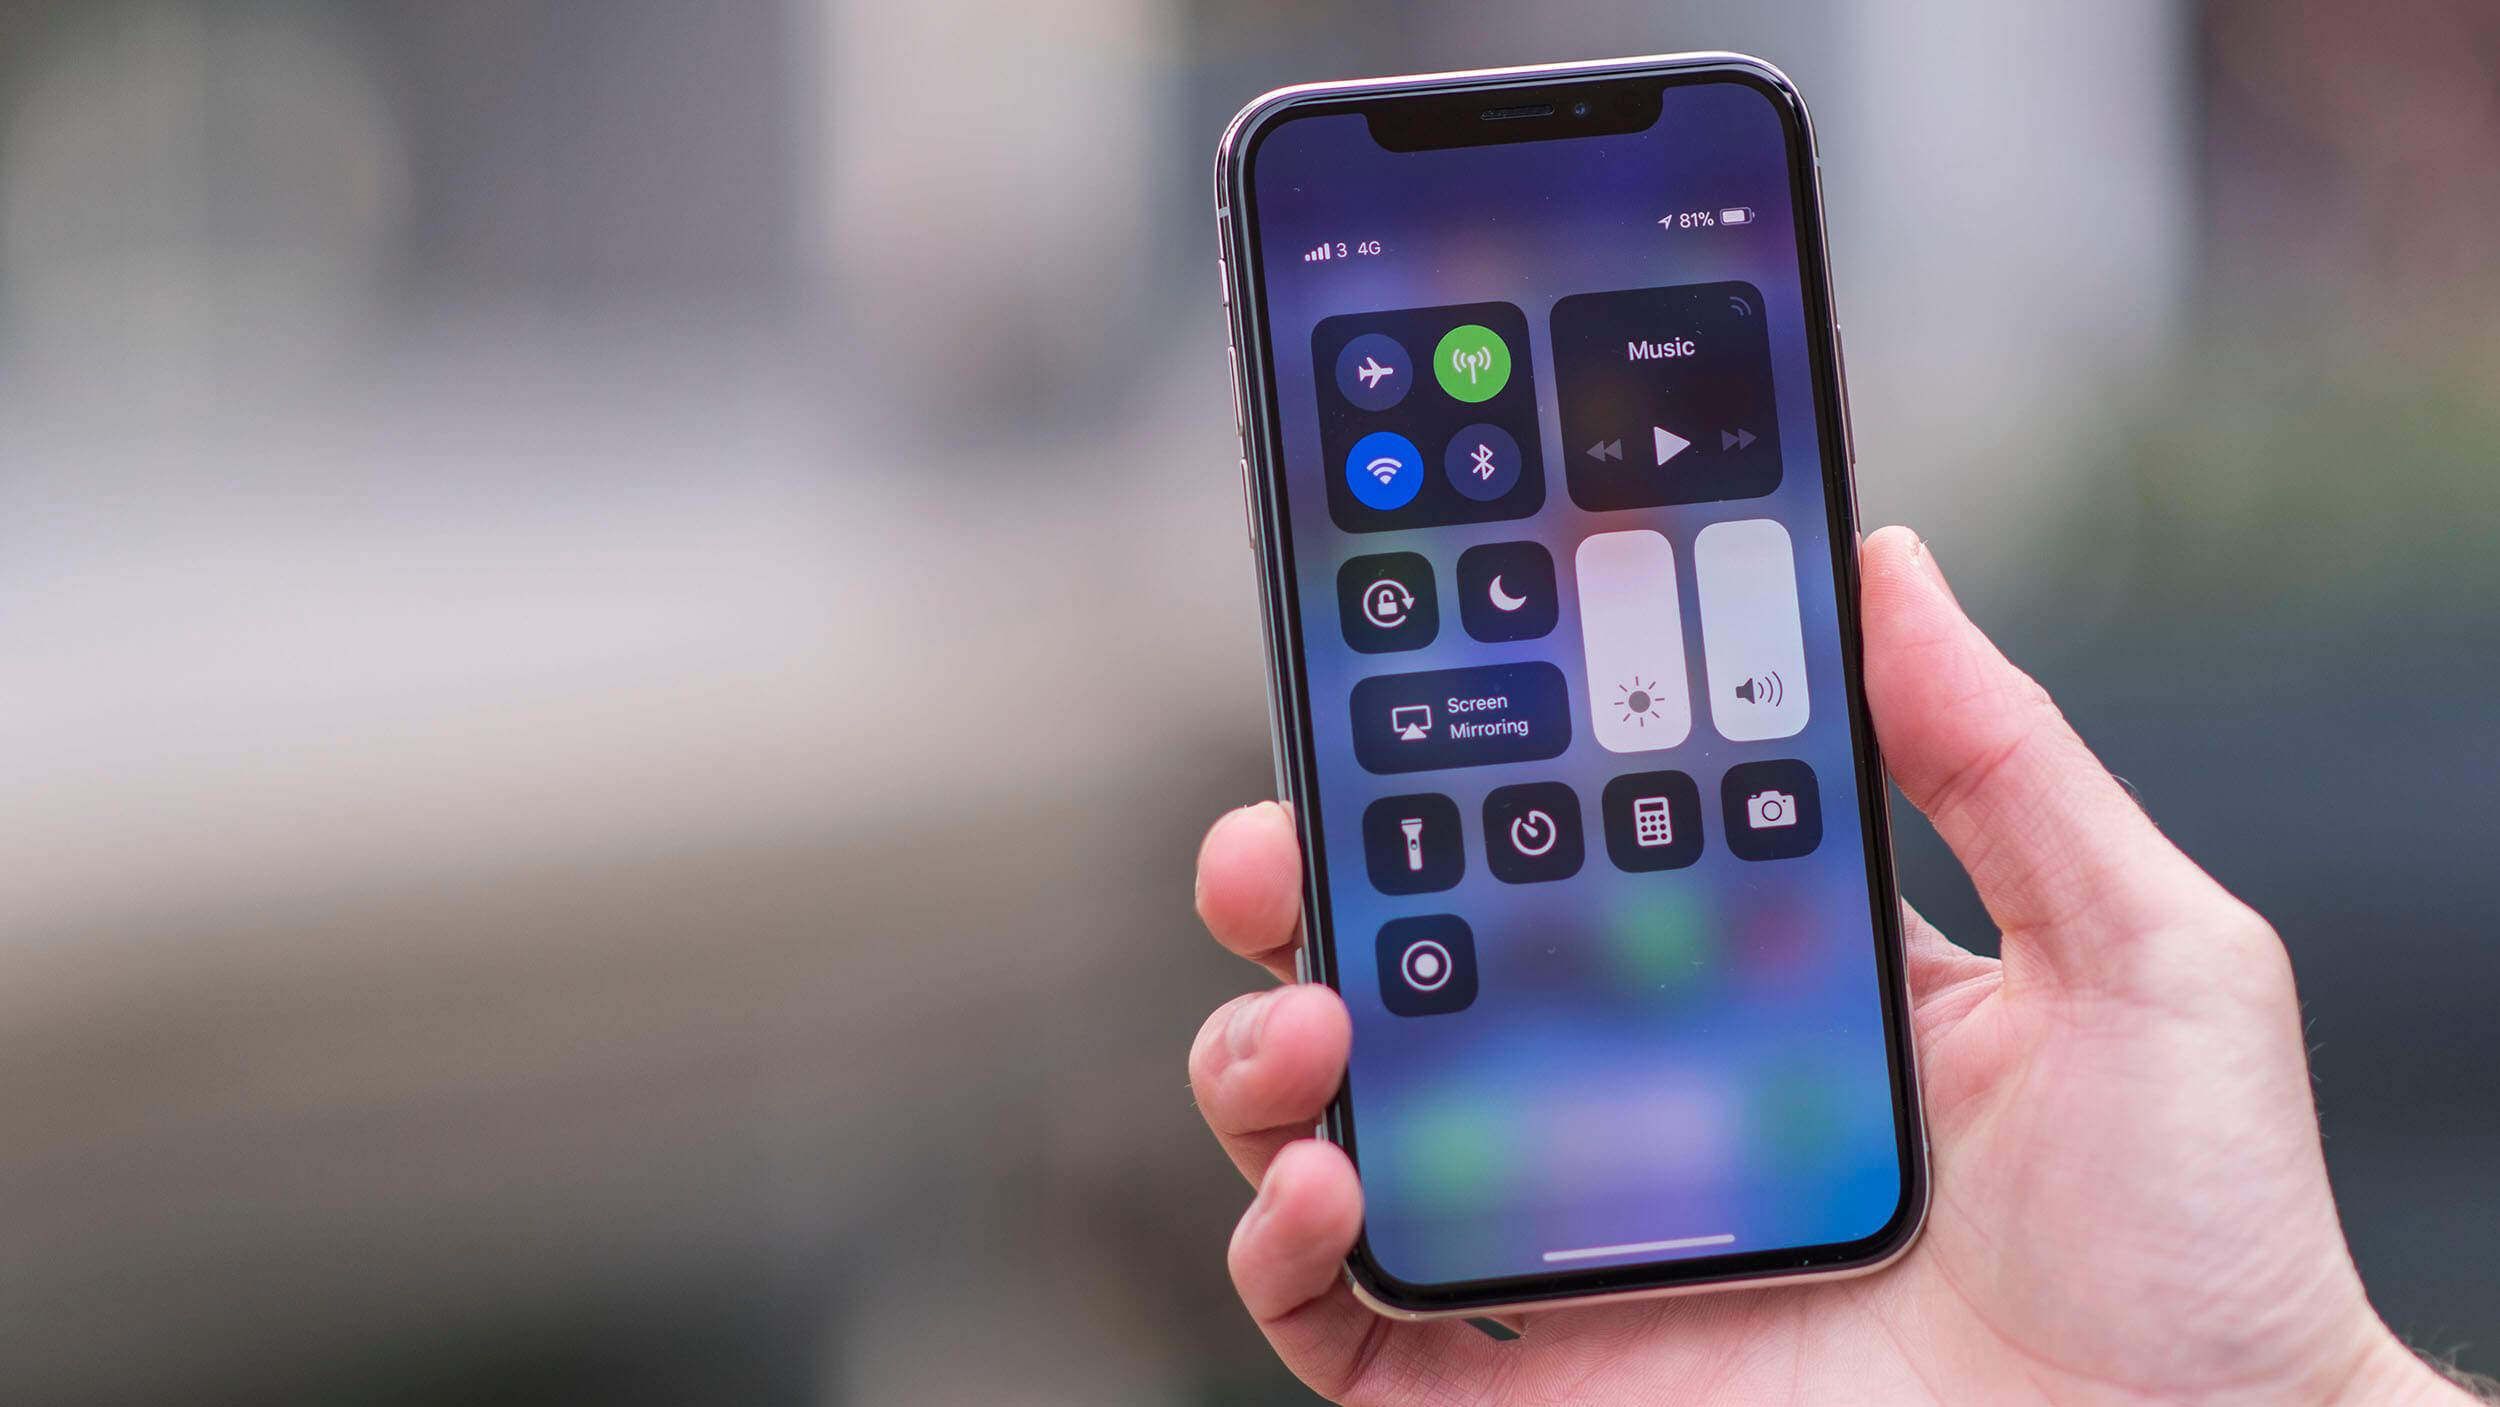 Apple подтвердила утечку кода iOS, но призывает к спокойствию